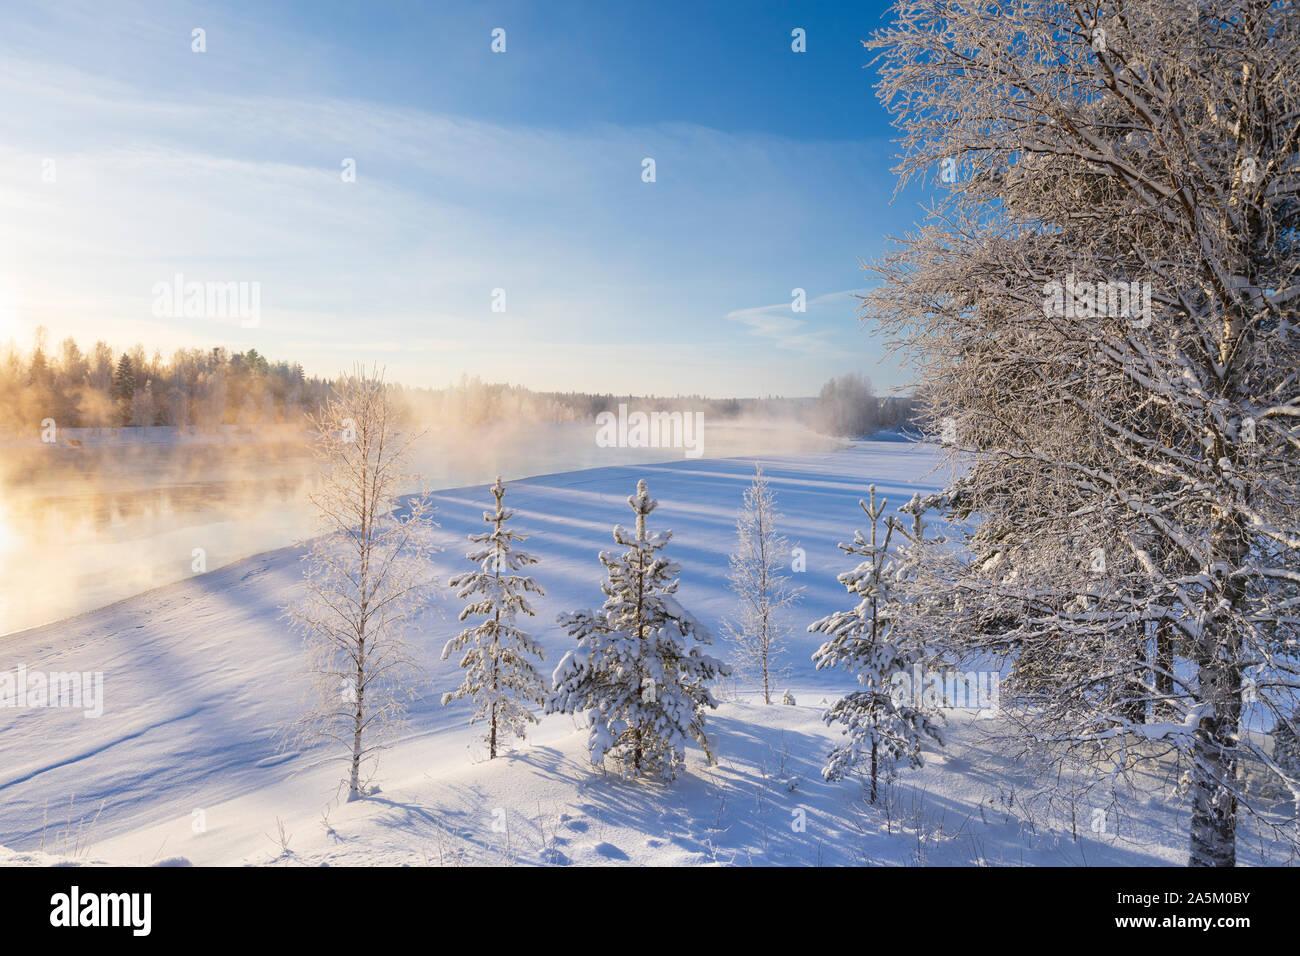 Niebla sobre congelación de río frío en un soleado día de invierno. Árboles cubiertos de hielo y nieve. Foto de stock